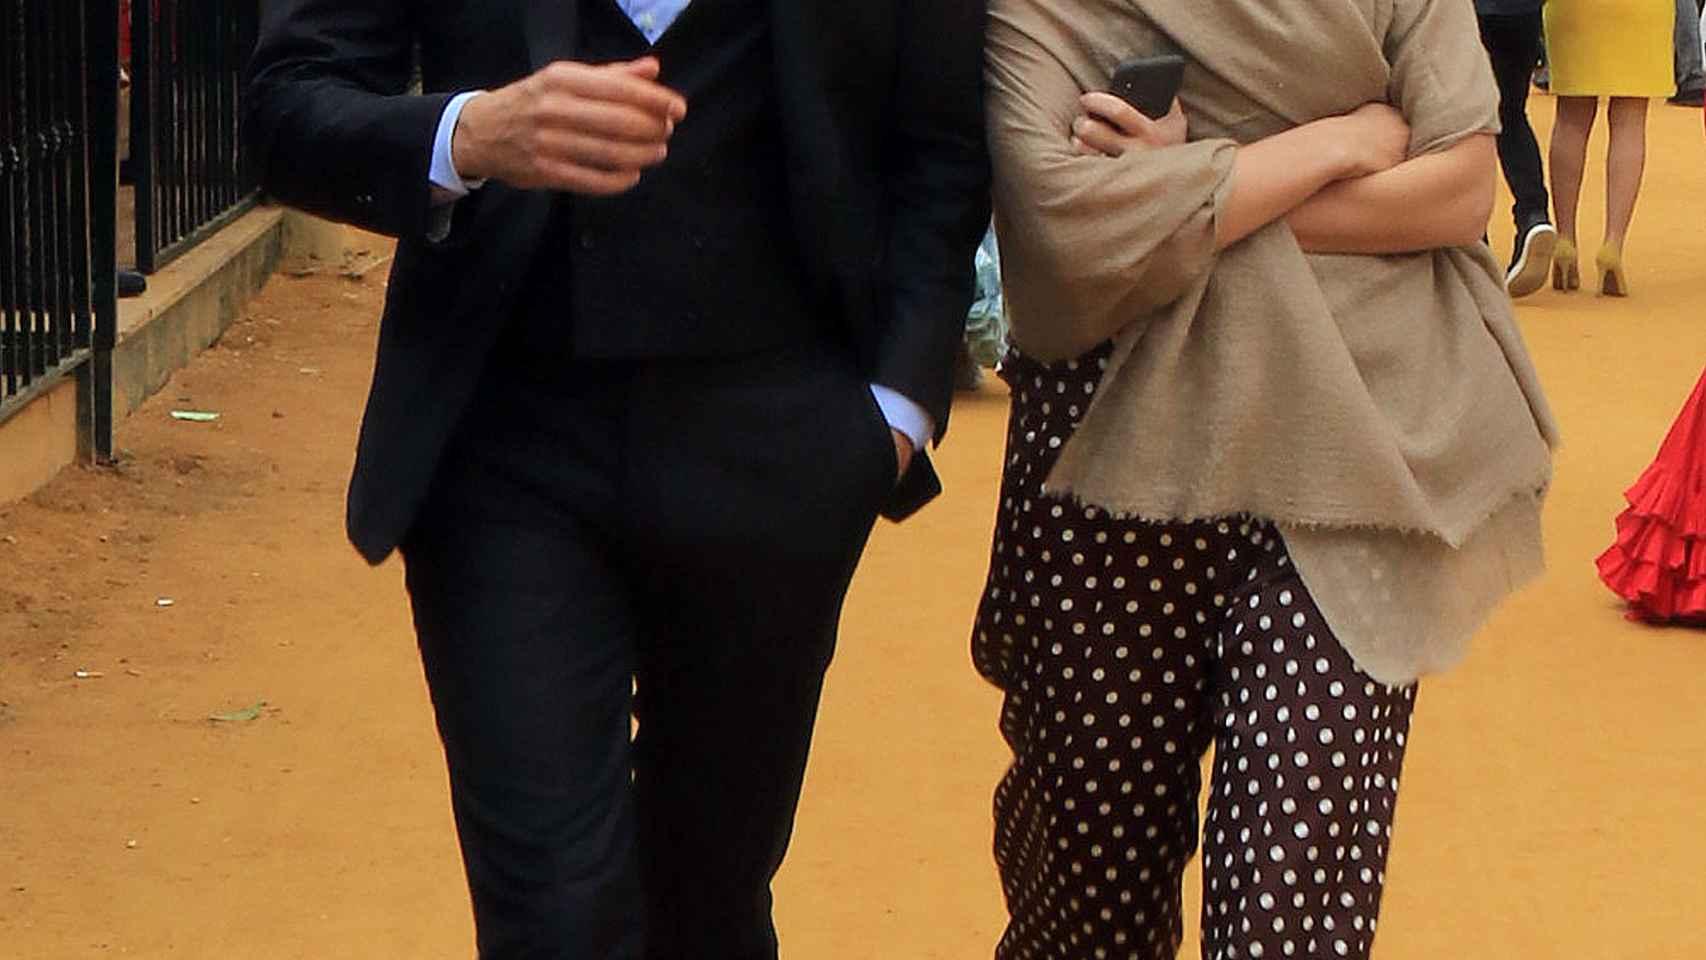 Marta Ortega y Carlos Torretta en la Feria de Abril. Gtres.